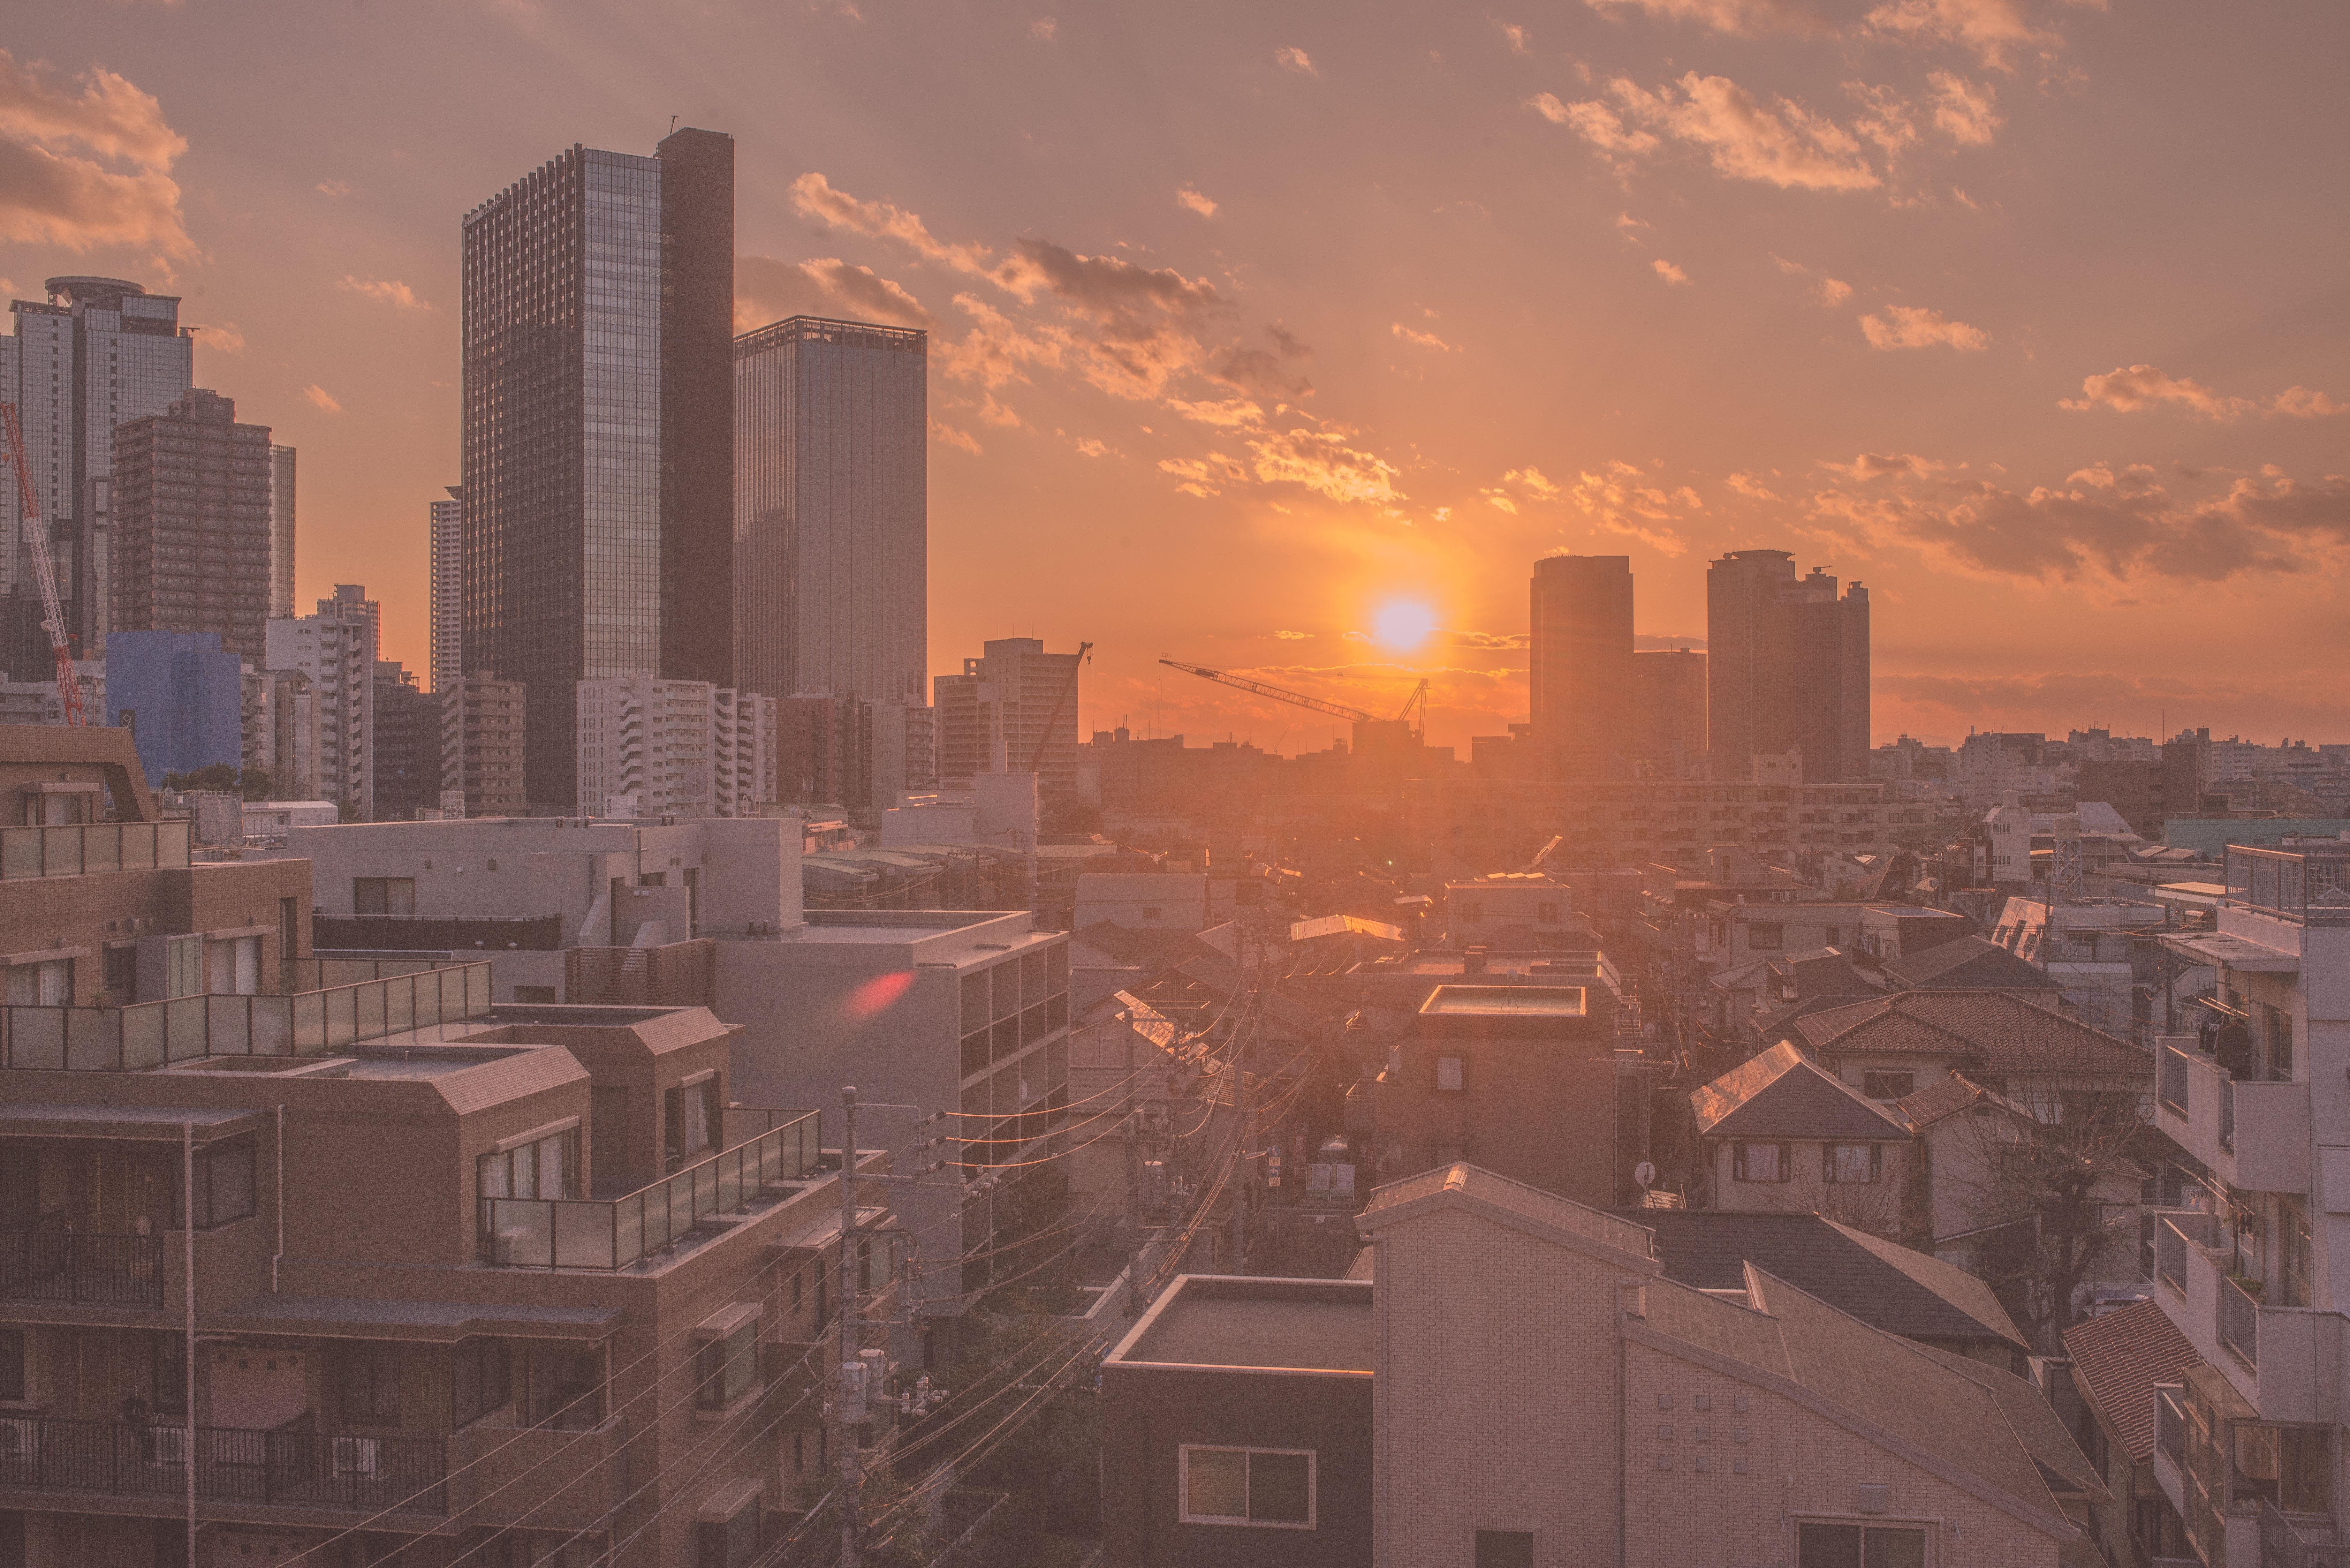 каталоге нашего фото японский город утро сорт среднепозднего